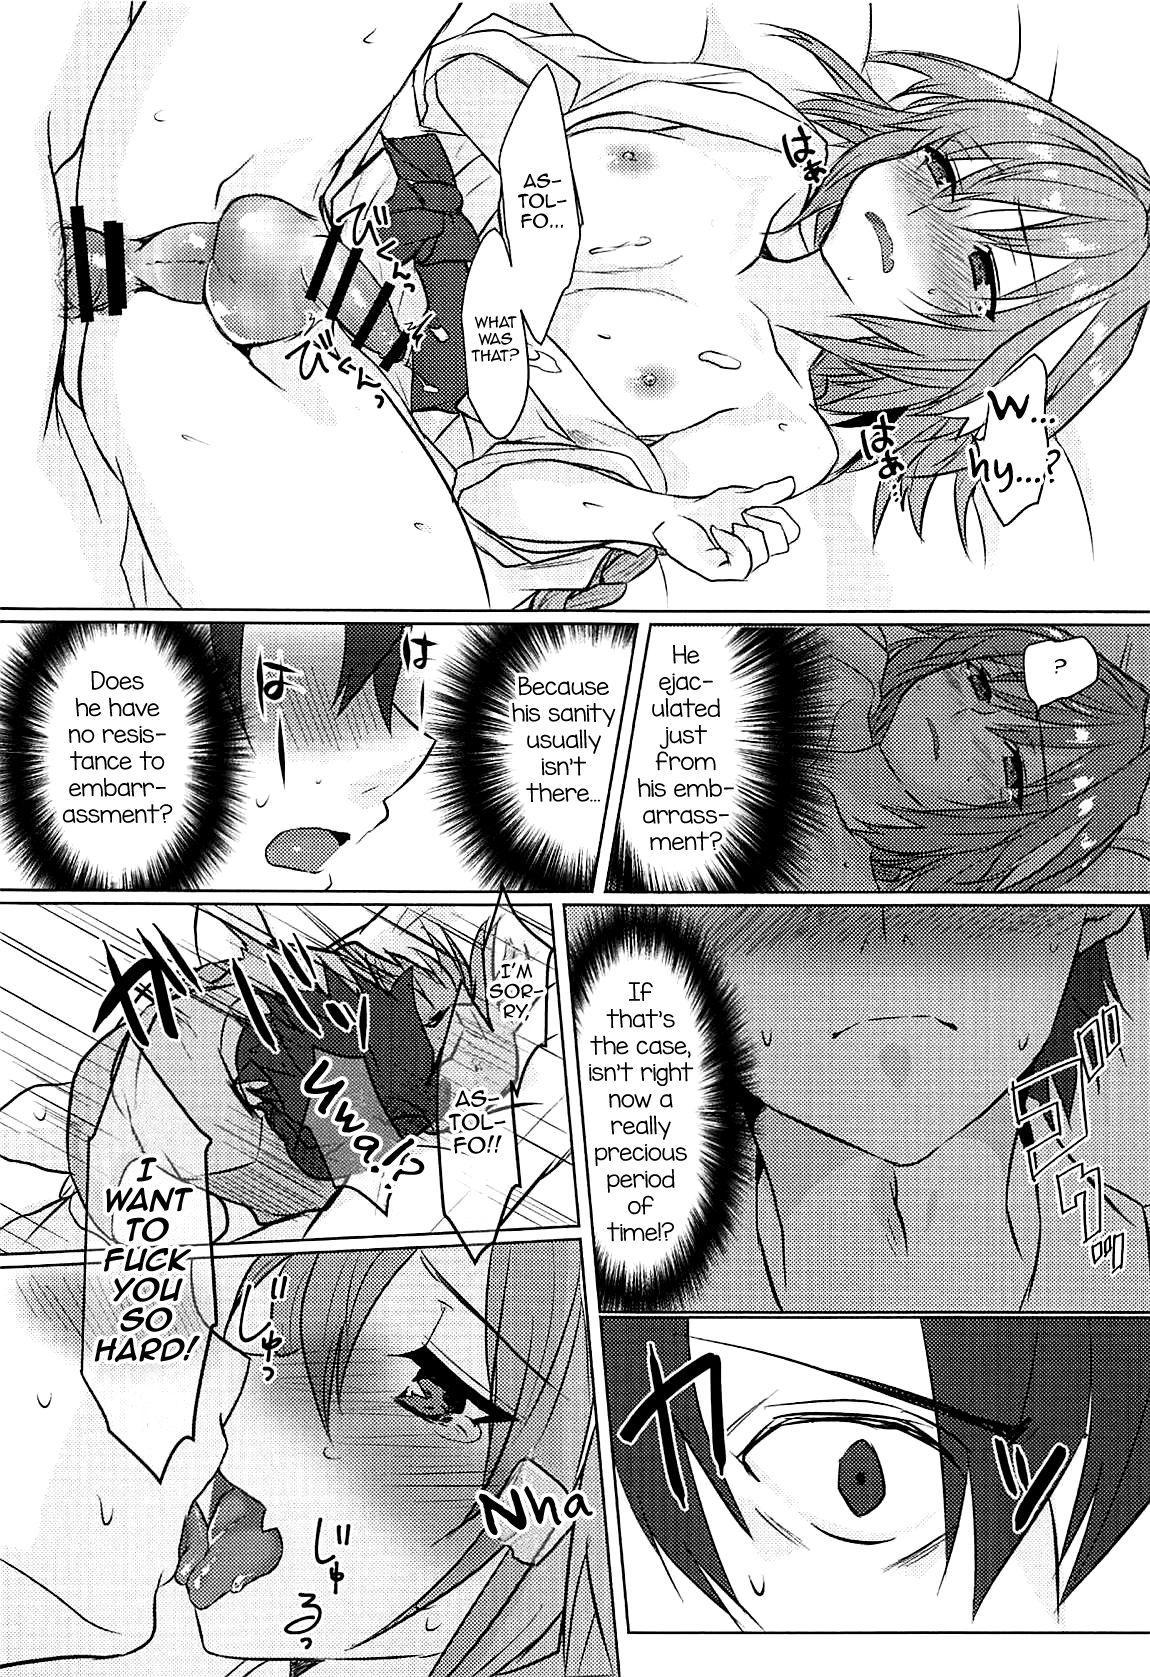 Boku no Risei ga Fukkatsu Shitara Master no Risei ga Jouhatsu Shimashita 25